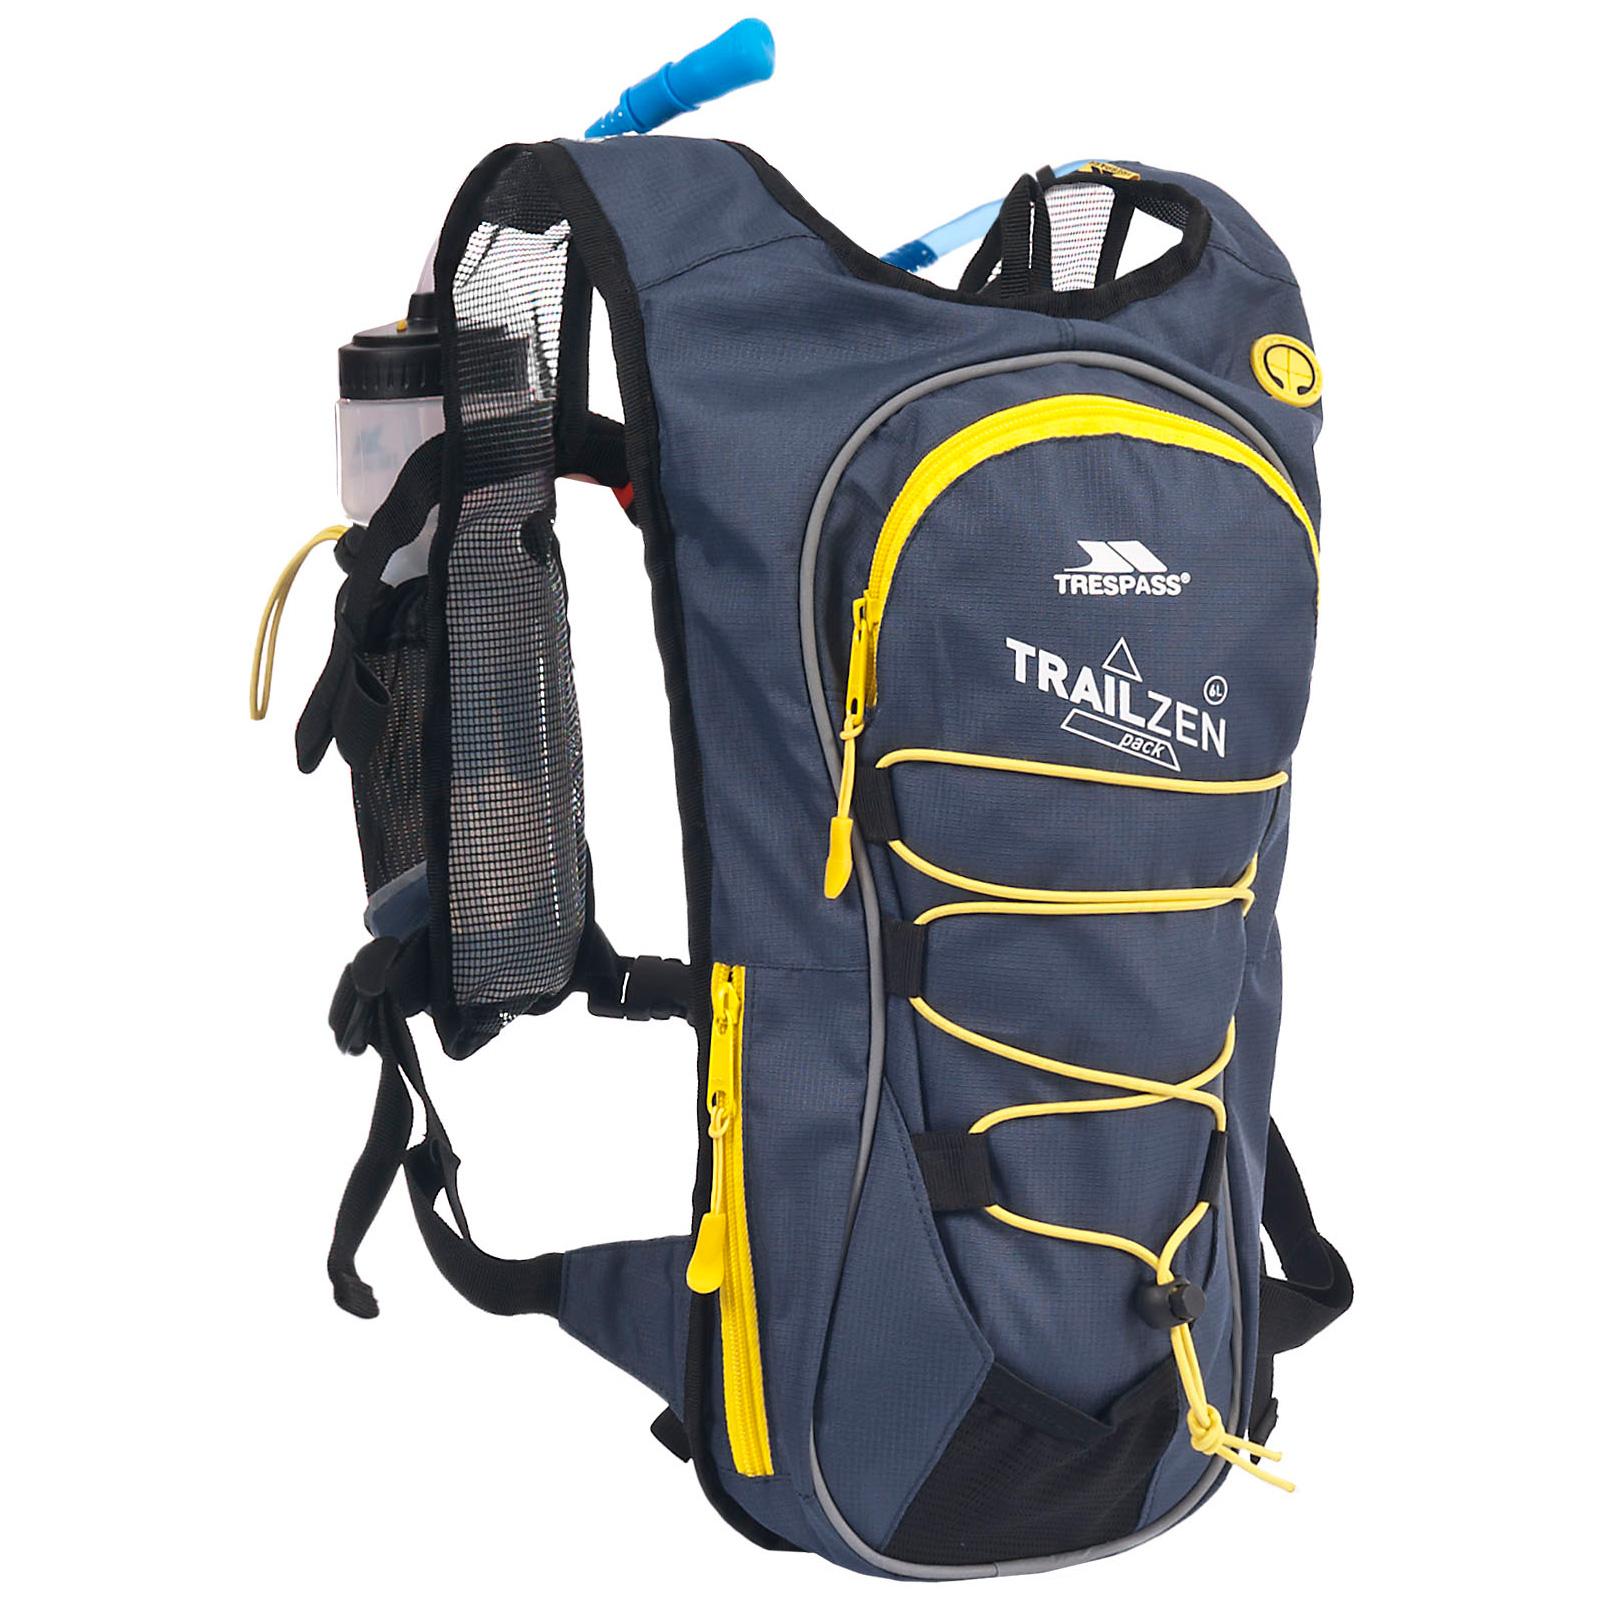 Trespass Trailzen 2L Hydration Running Backpack